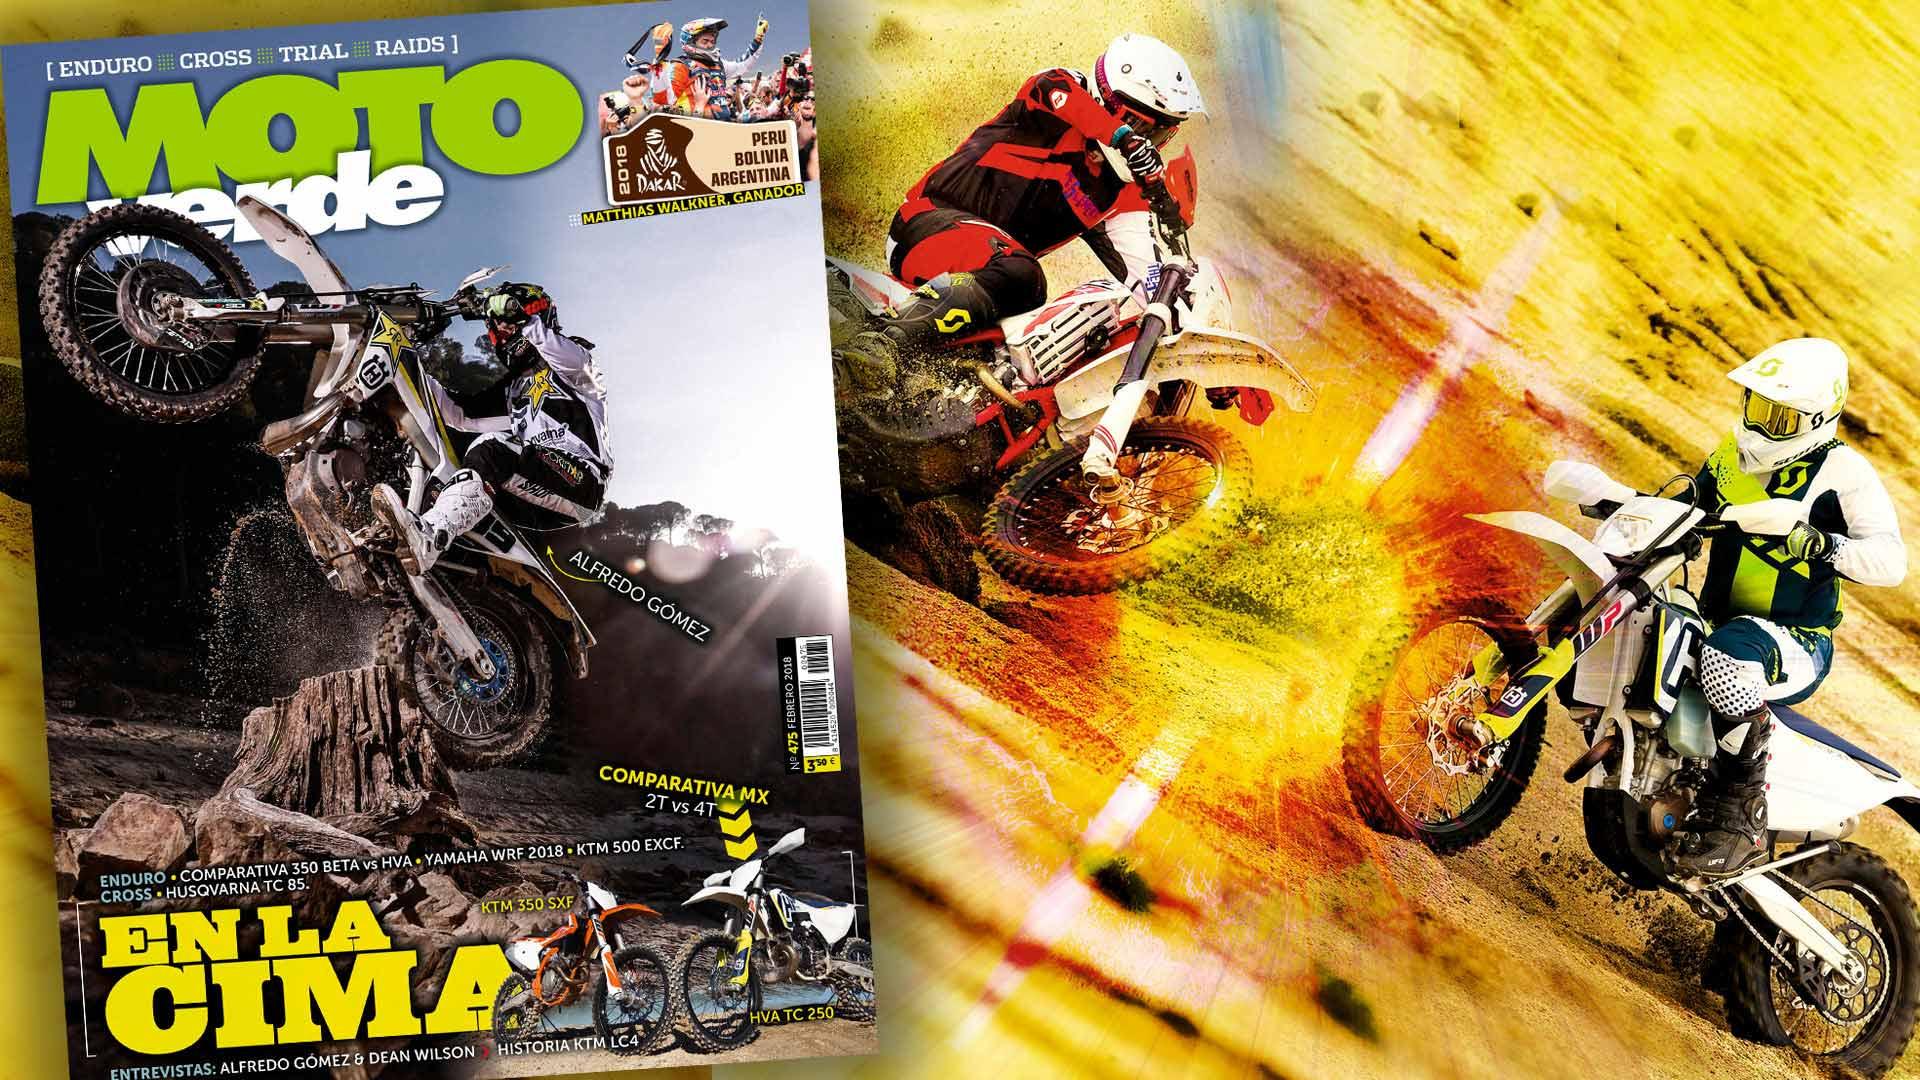 MOTO VERDE 475, contenidos y sumario de la revista